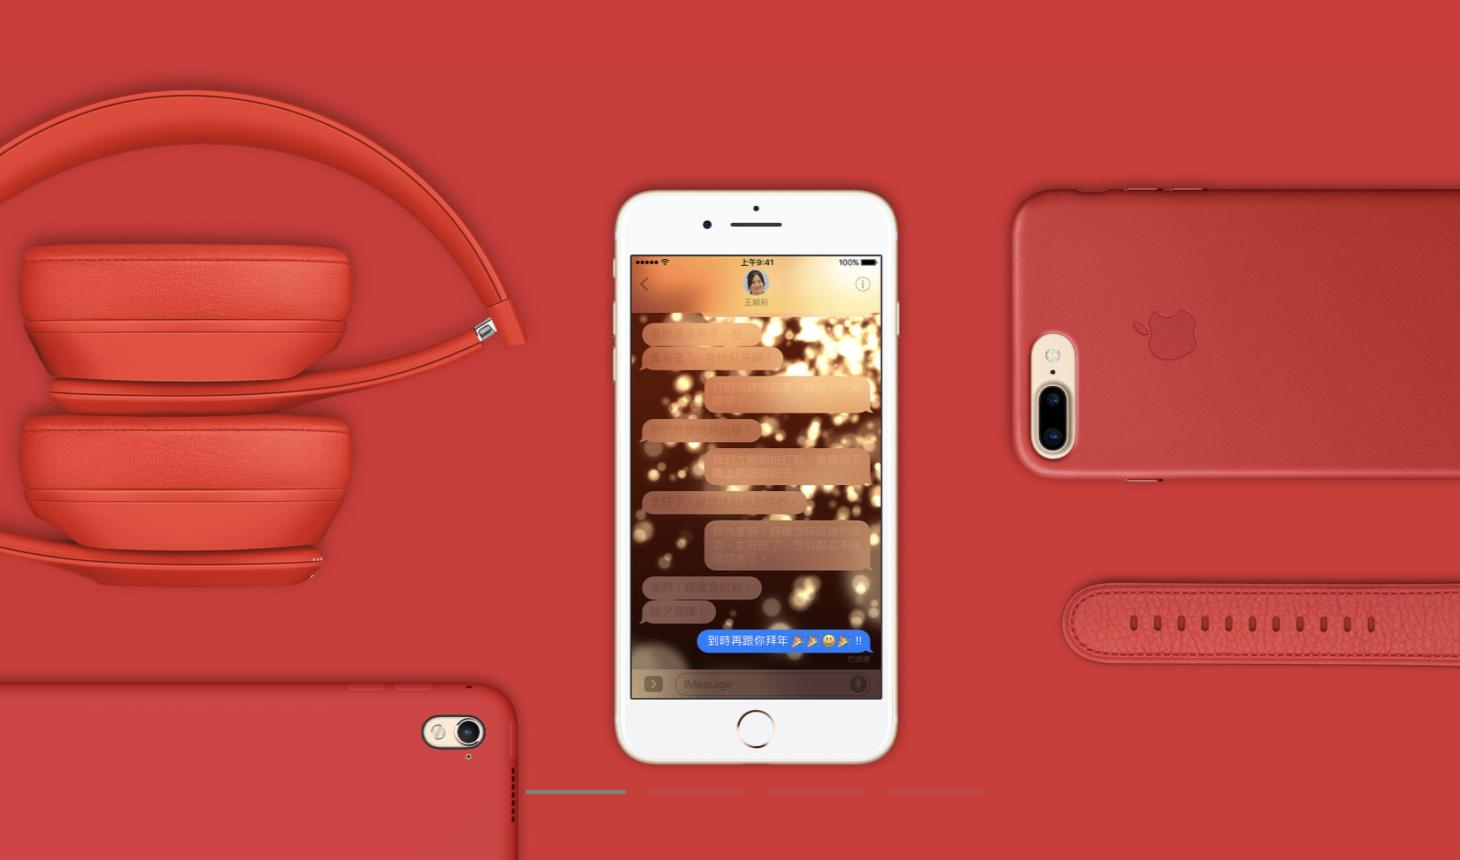 買到就現賺9,900元!蘋果官方推買 iPhone 或 Mac 指定機型就送 Beats Solo 3 Wireless 頭戴式耳機